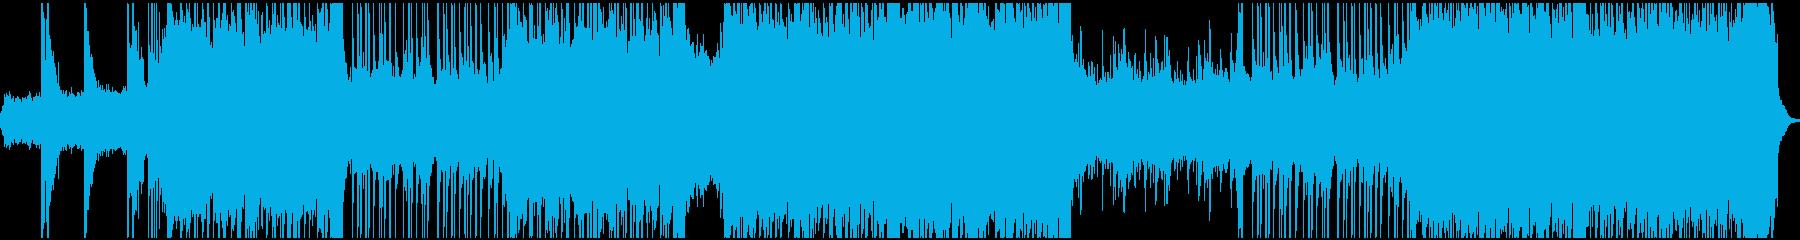 メタル ブレイクビーツ モダン 実...の再生済みの波形